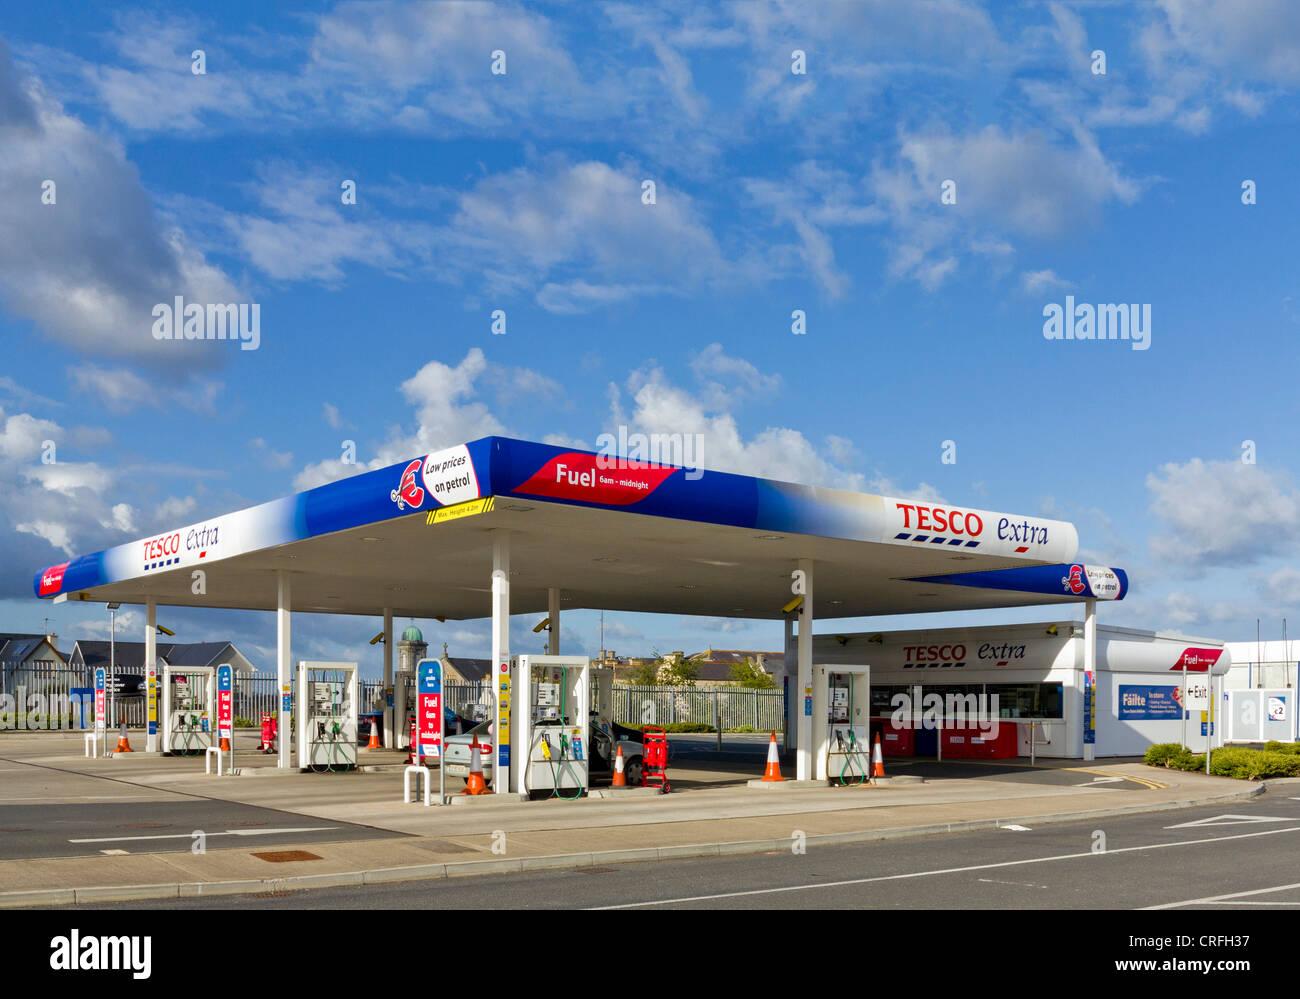 Tesco petrol station, UK - Stock Image